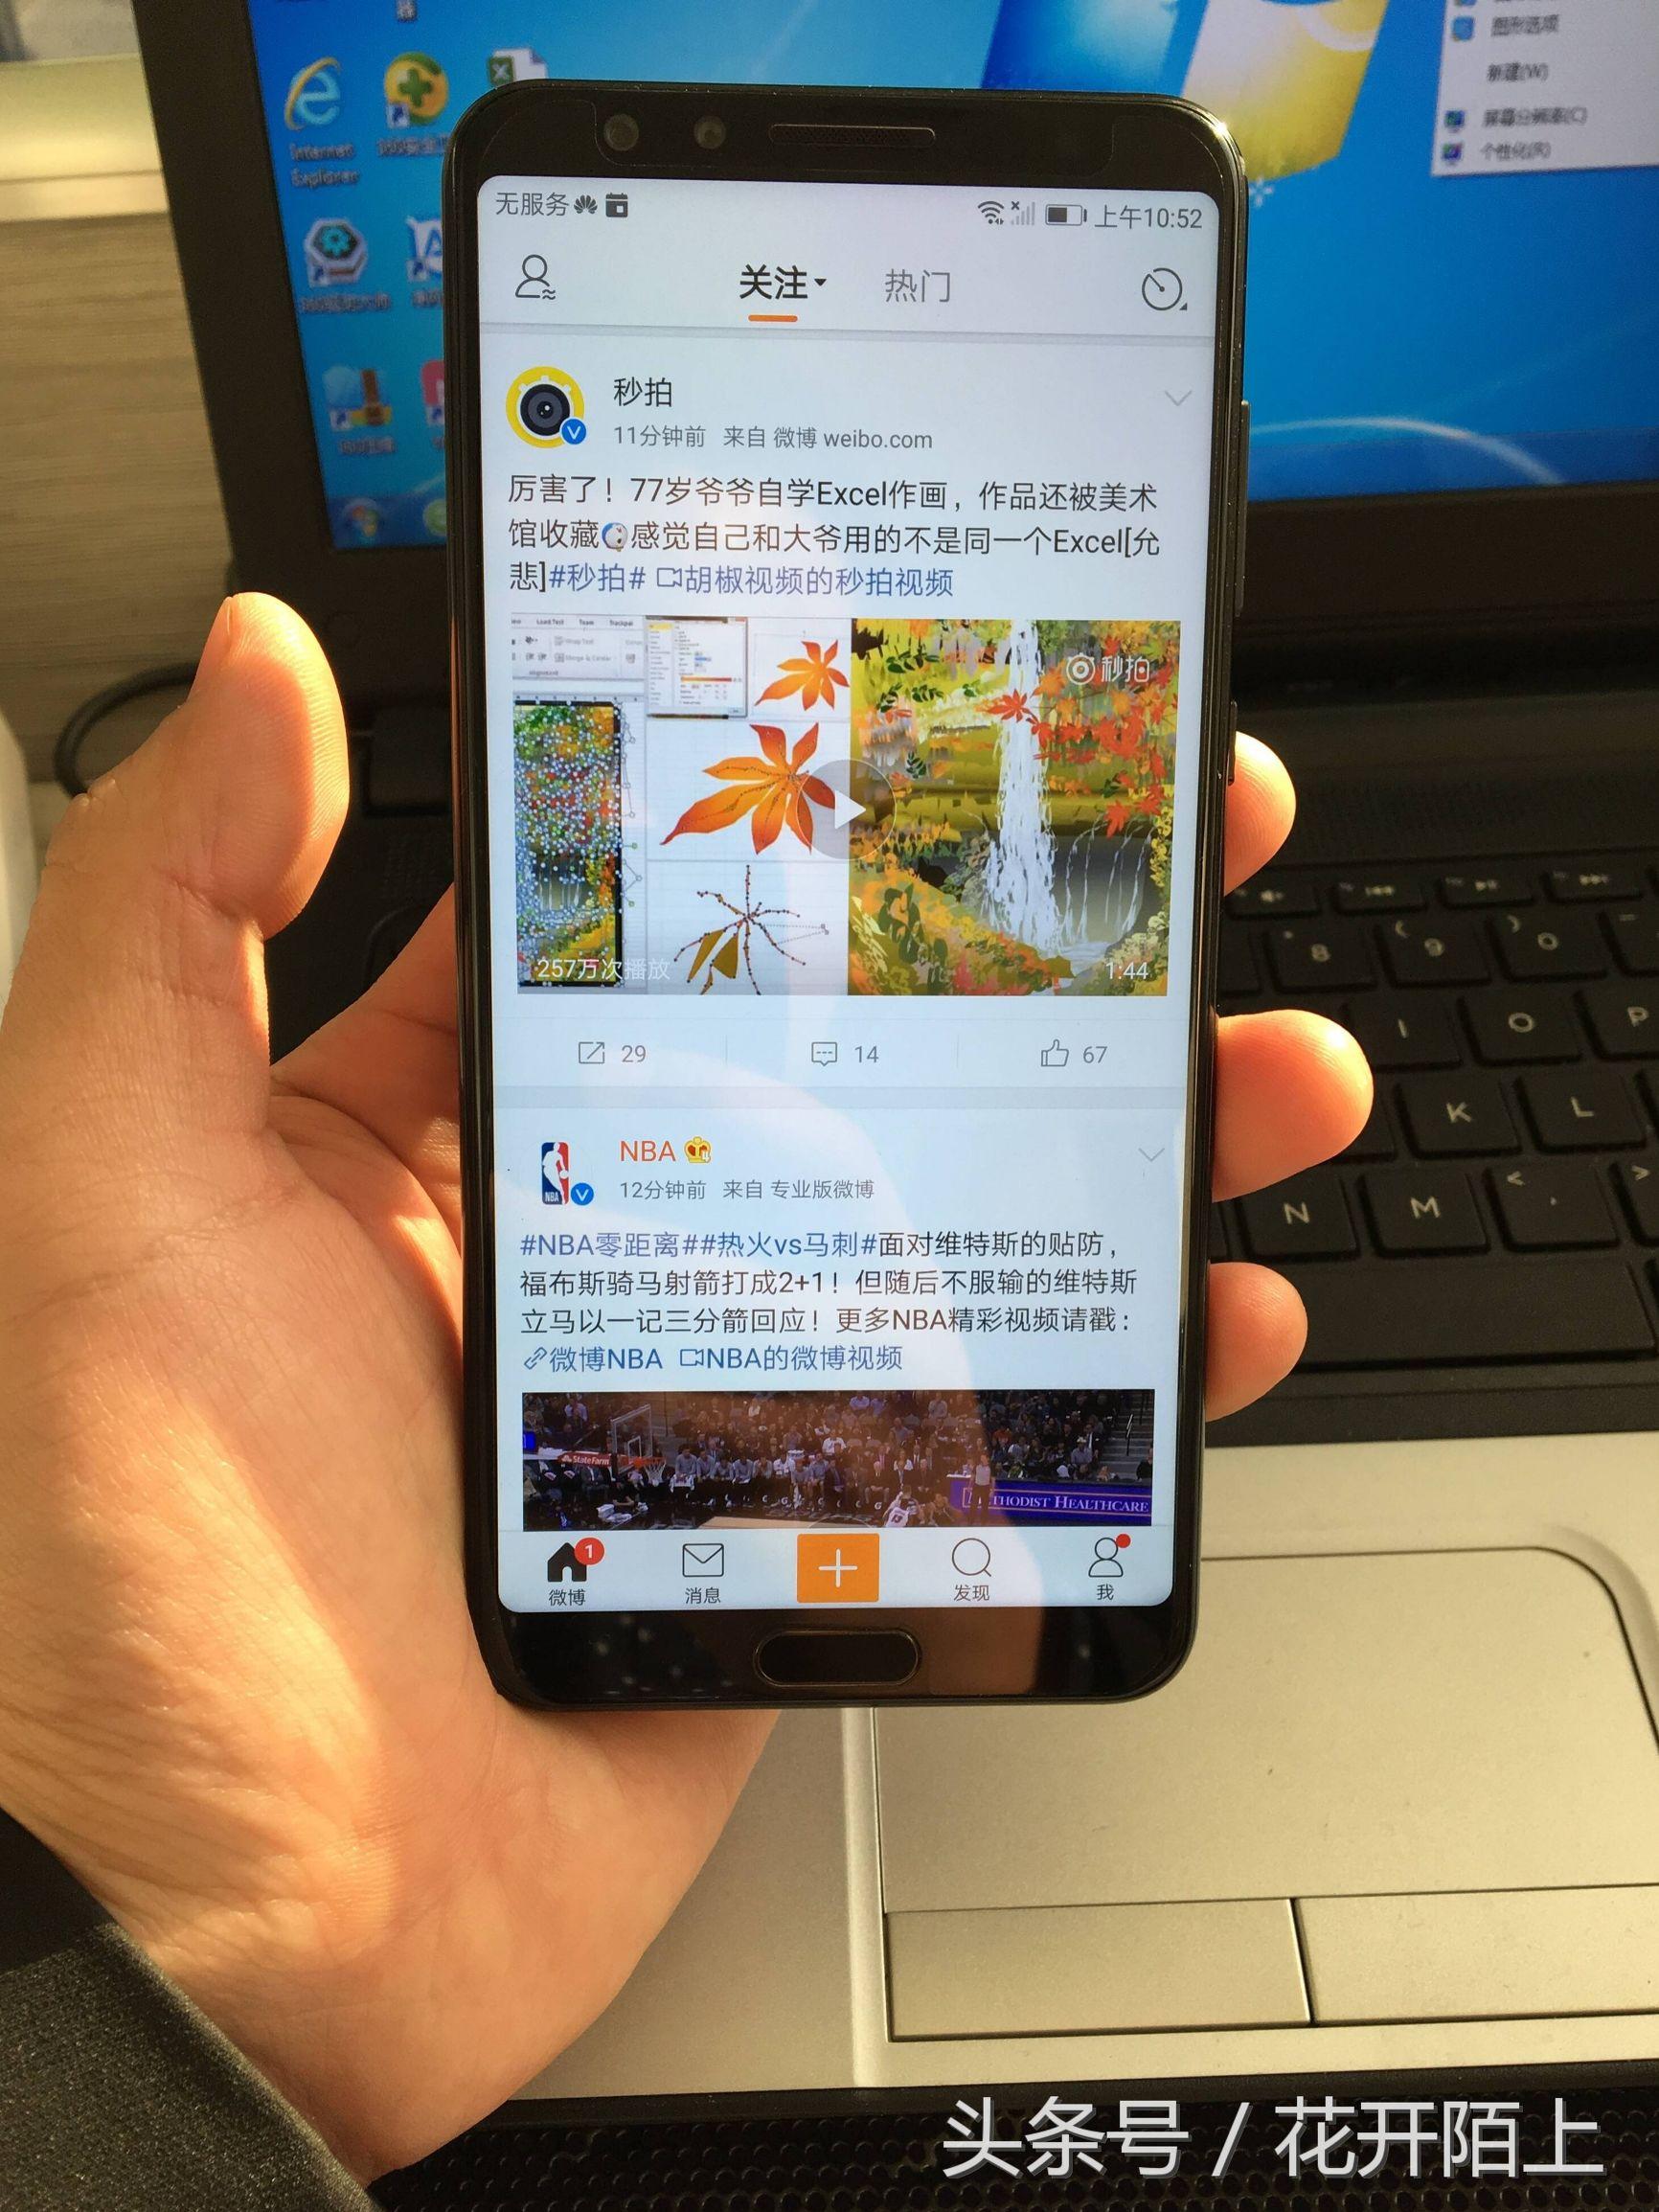 华为公司Nova2S真机里手:强力四摄 ms级人脸解锁 麒麟960!